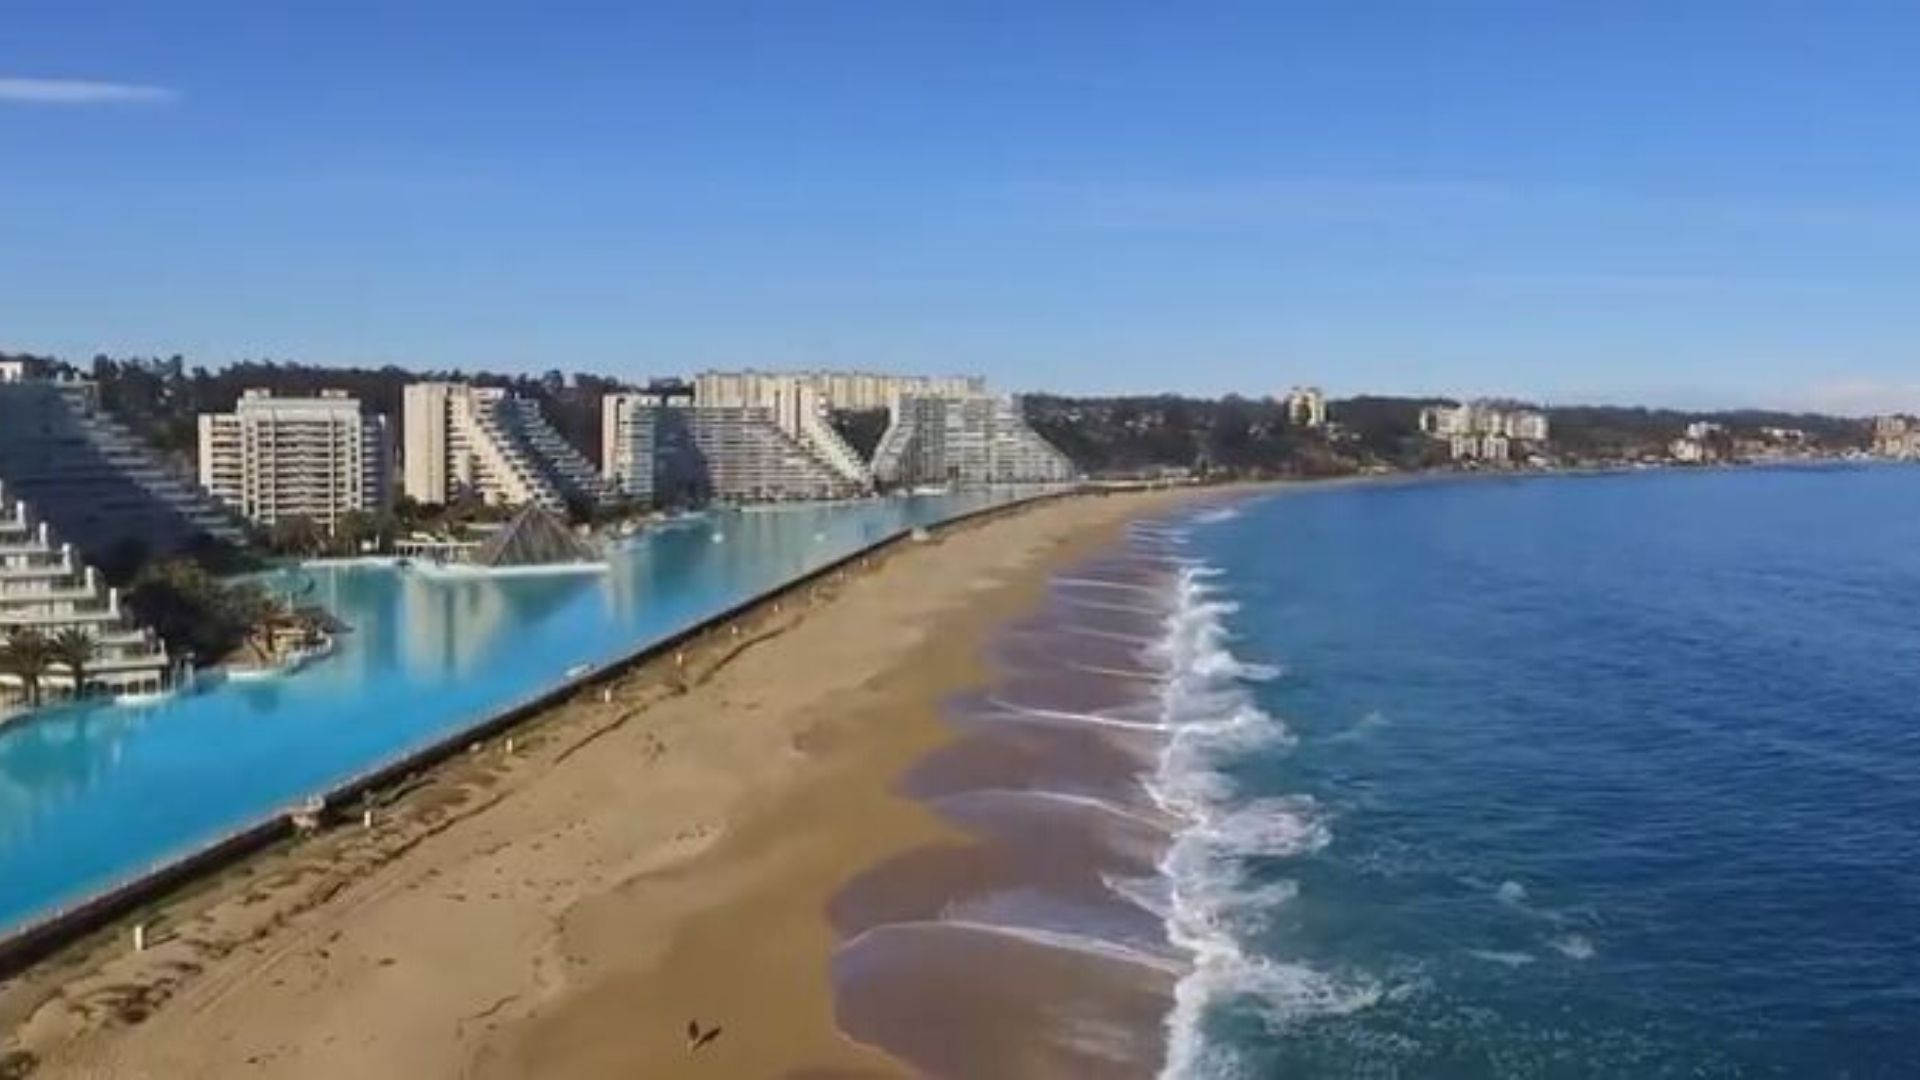 La Plus Grande Piscine Du Monde Se Trouve Au Chili - Innovant.fr destiné La Plus Grande Piscine Du Monde